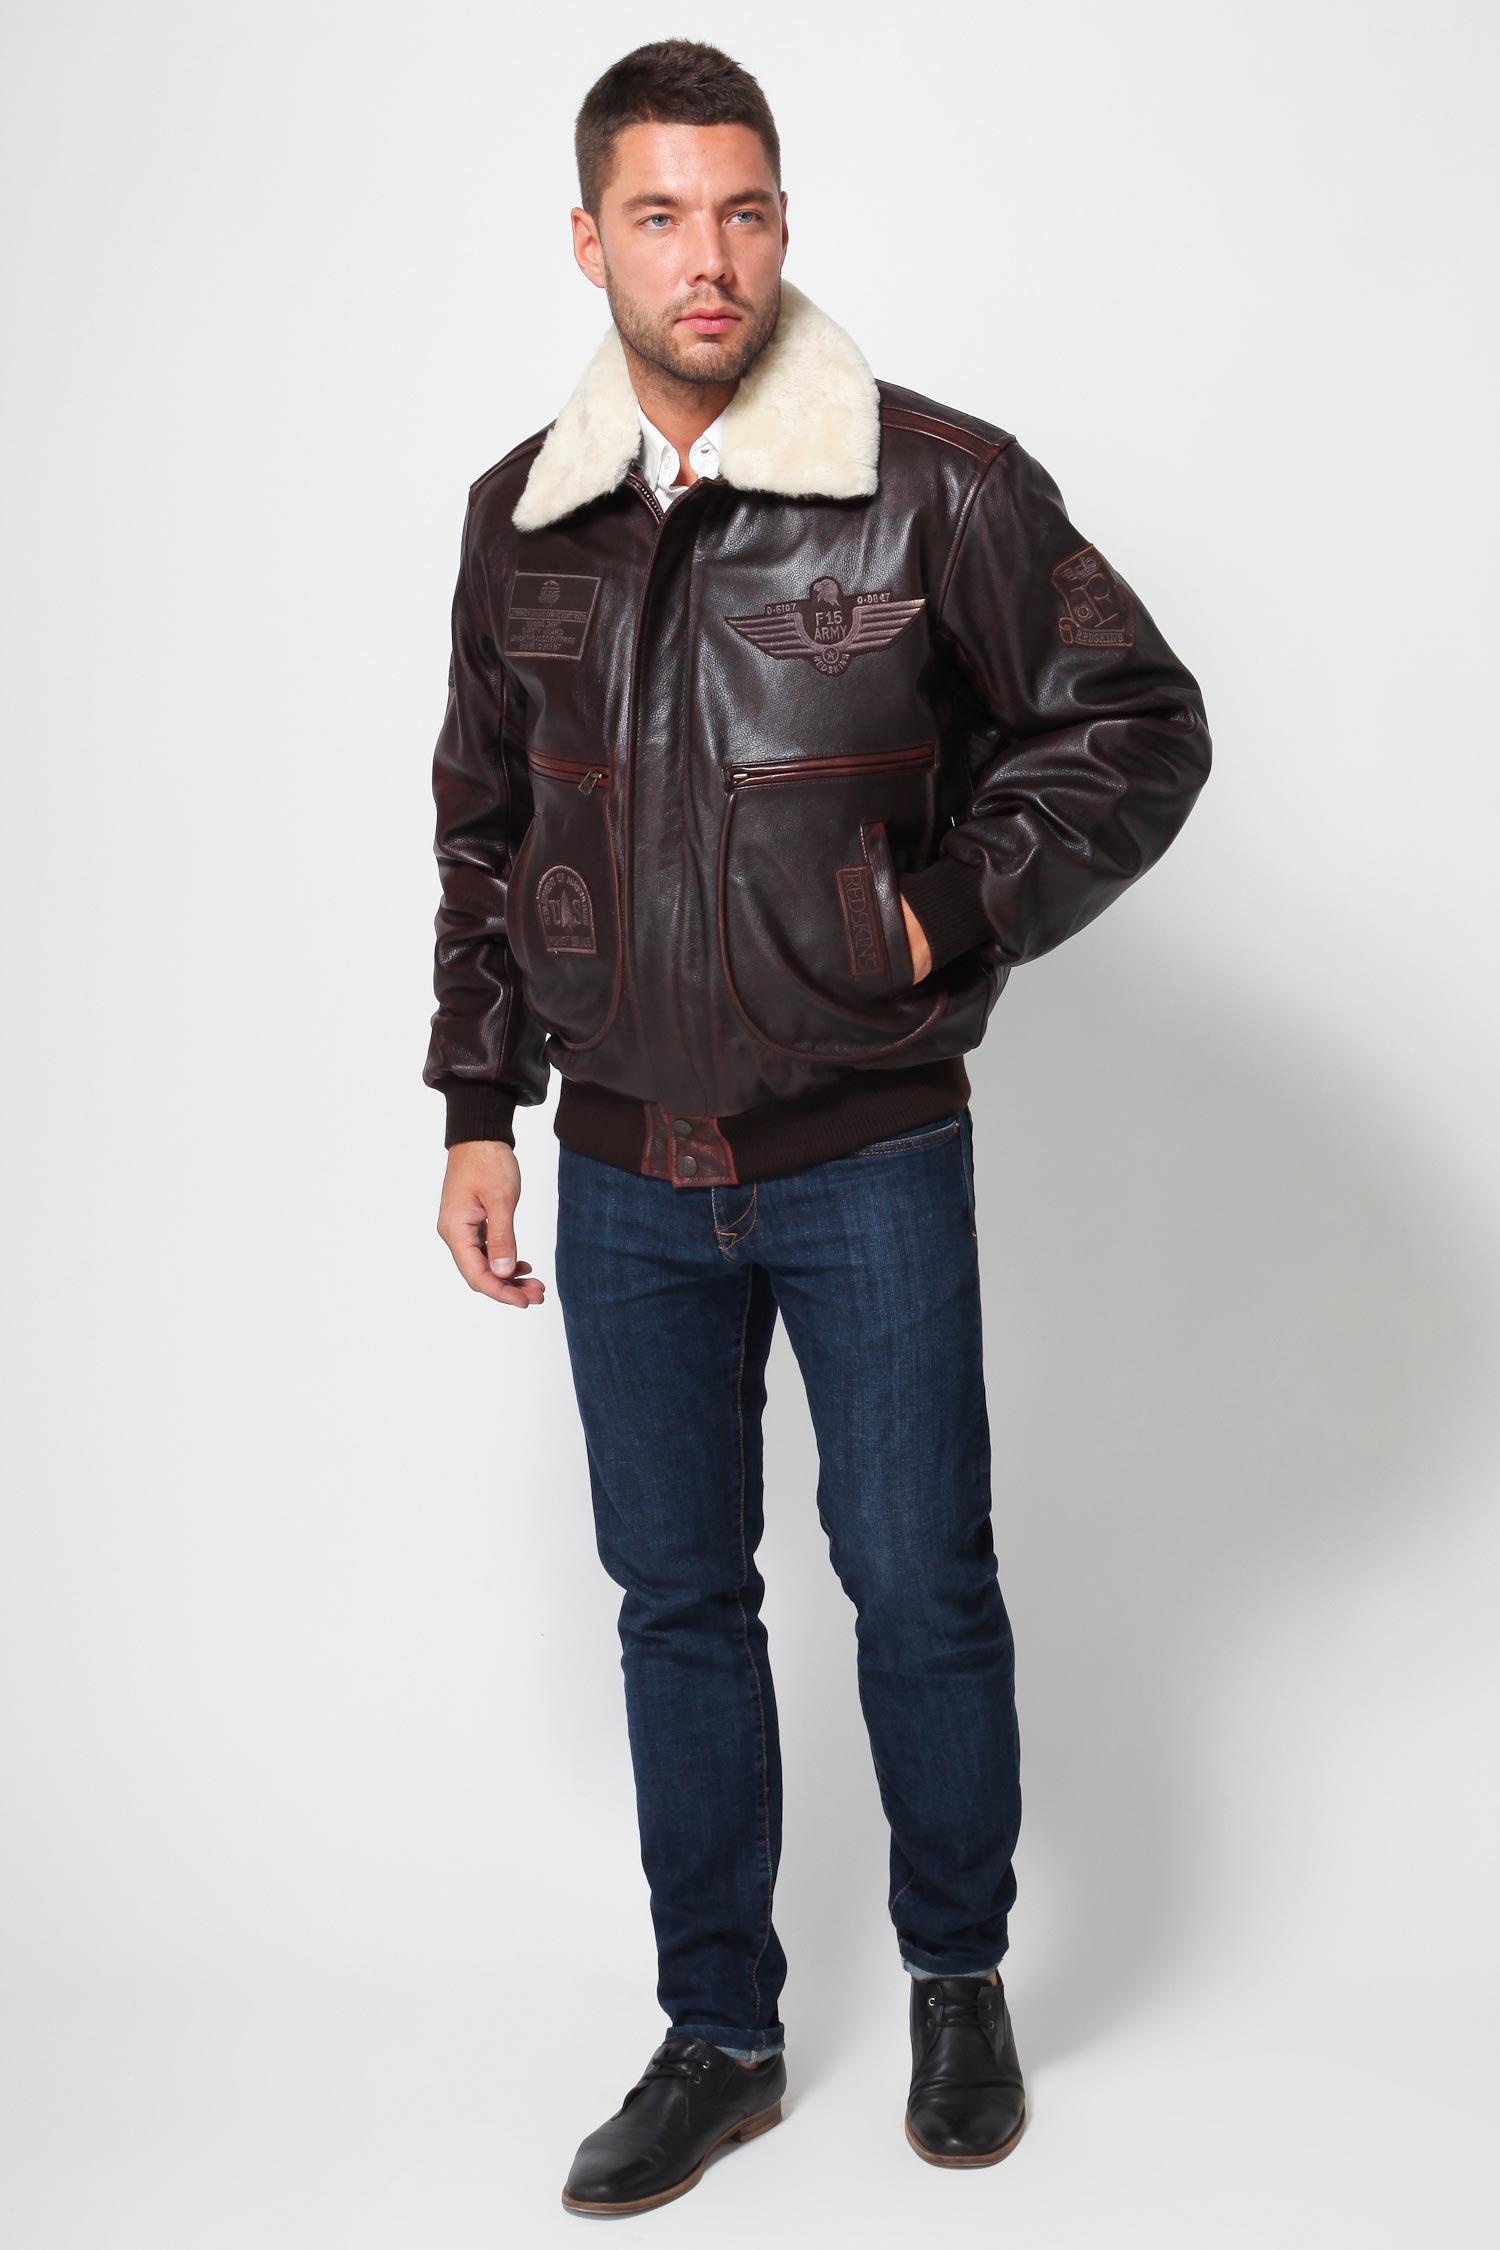 Мужская кожаная куртка из натуральной кожи с воротником, отделка овчина от Московская Меховая Компания